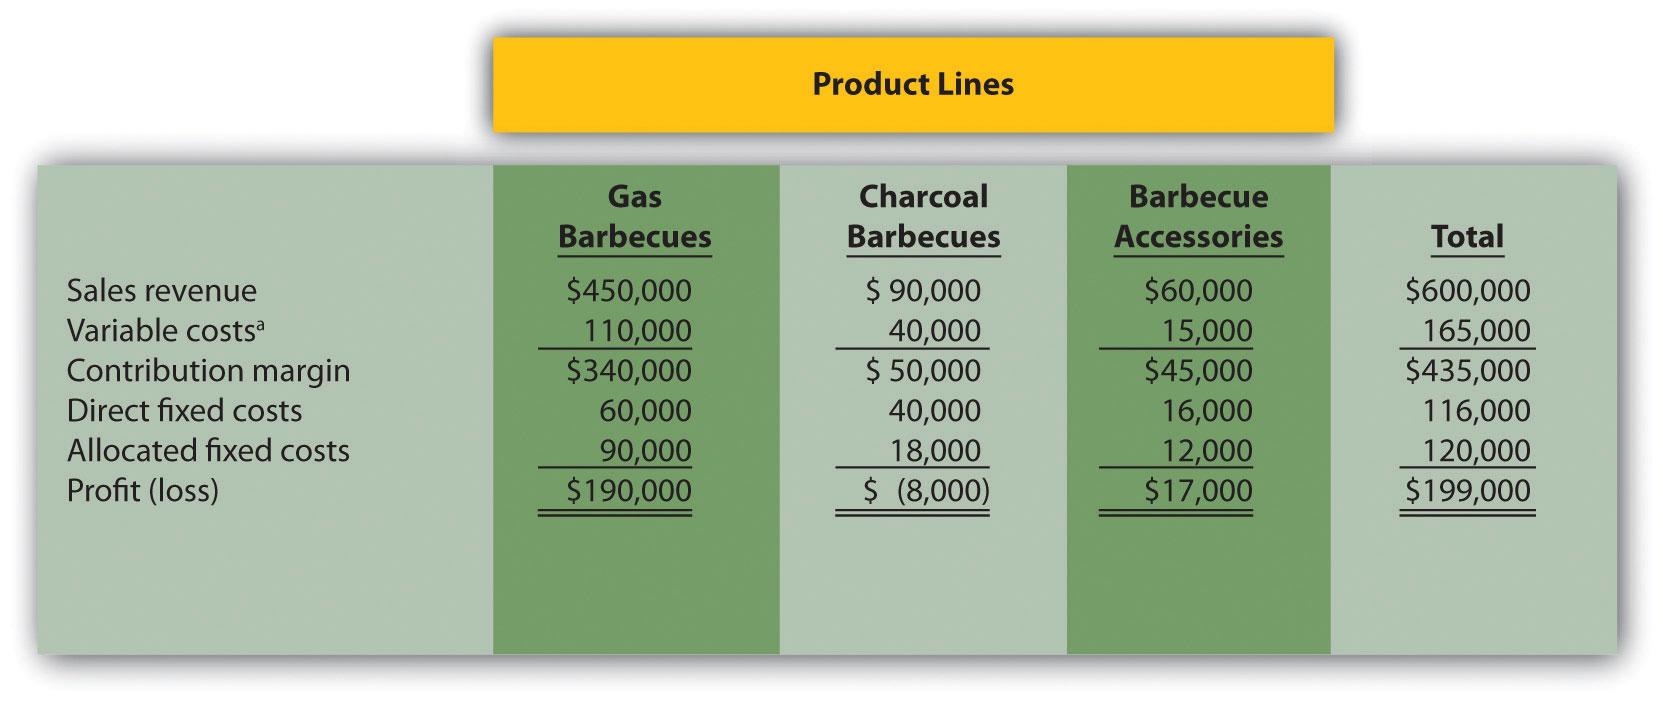 Figure 7.5 Income Statement for Barbecue Company